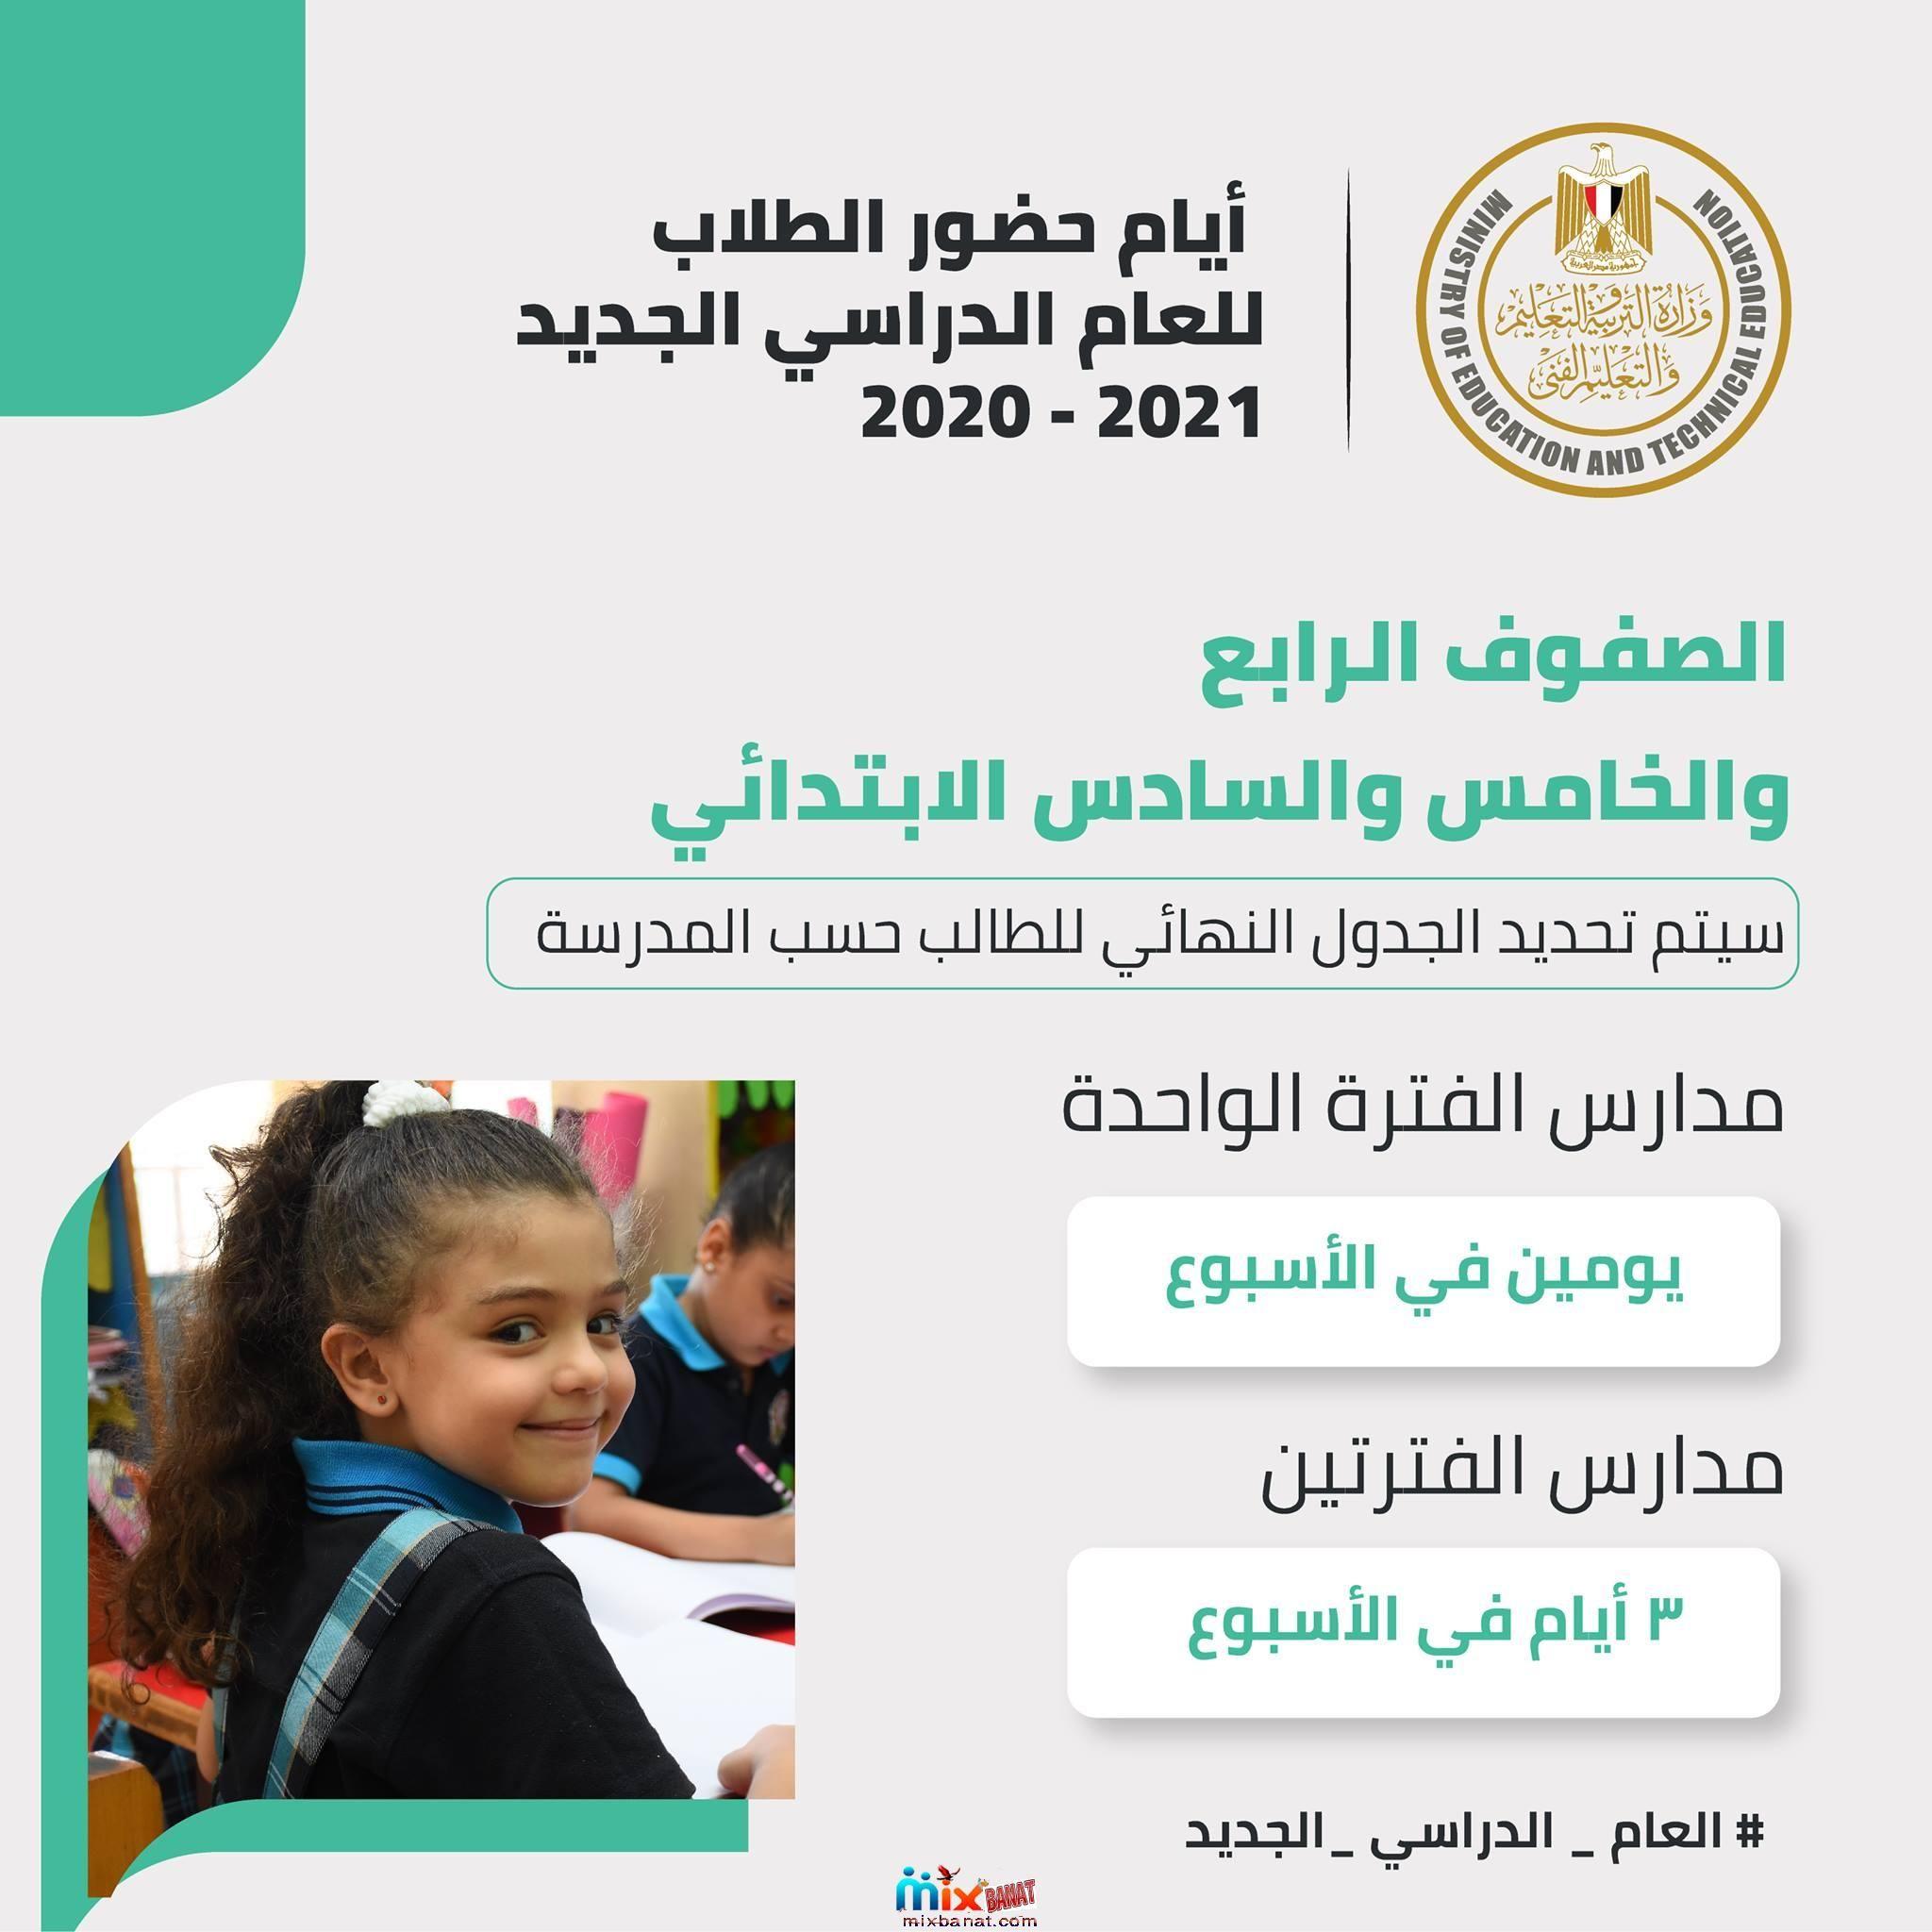 تفاصيل خطة العام الدراسي الجديد 2020 2021 بحسب اعلان وزير التربية والتعليم المصري Education Technical Incoming Call